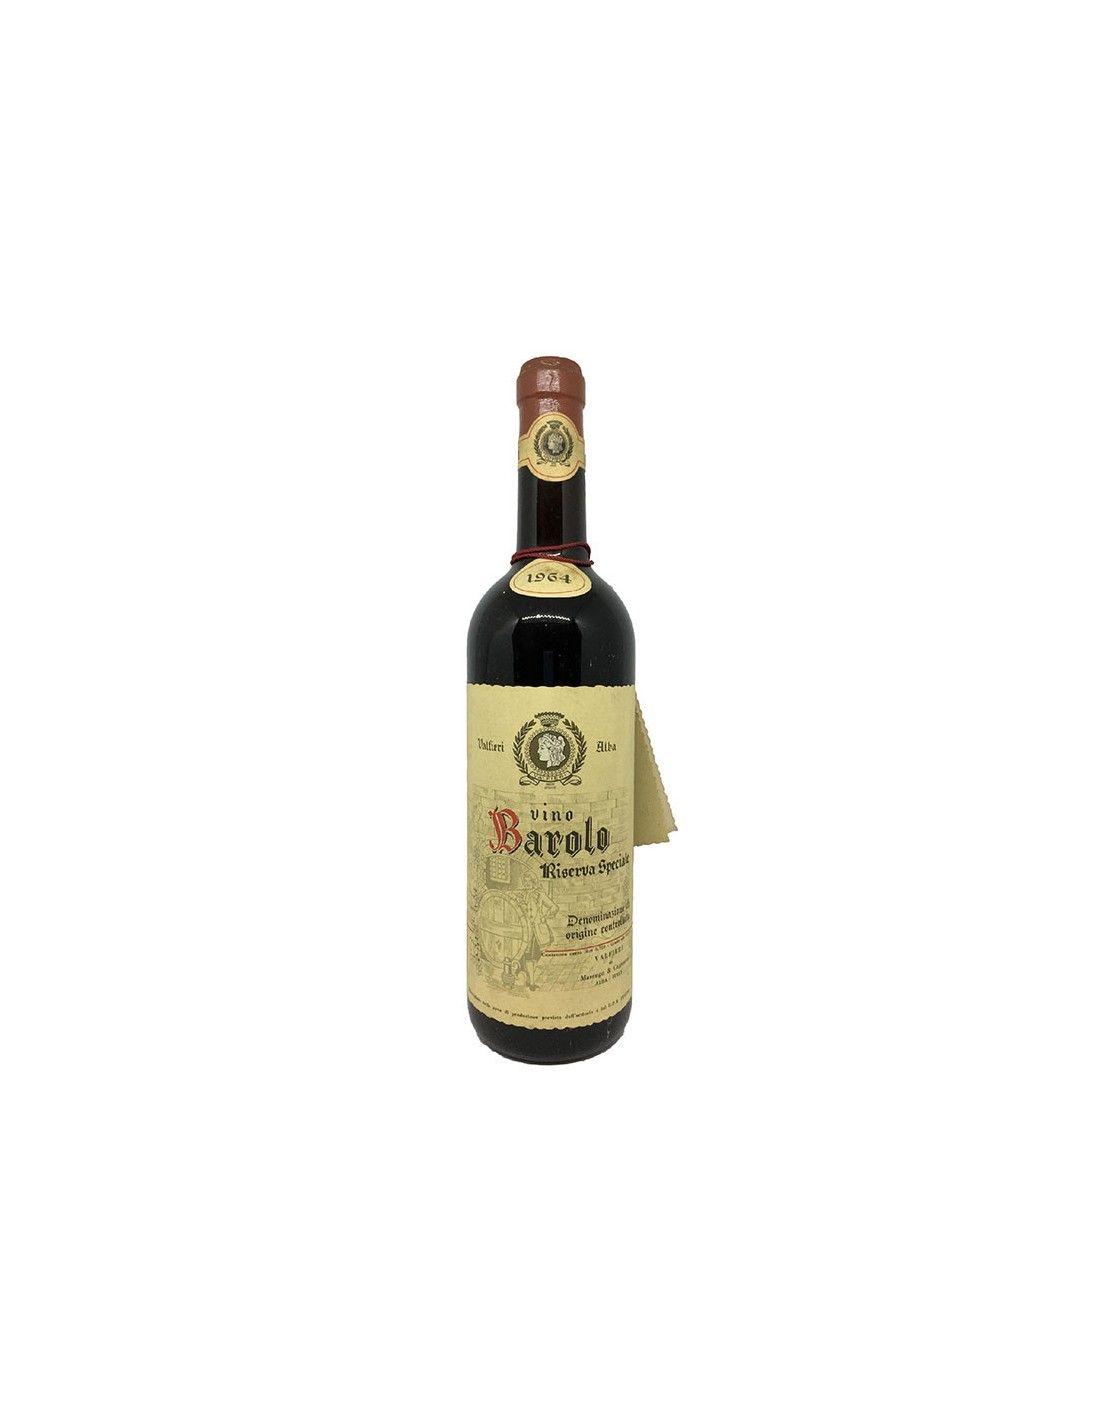 Barolo Riserva Speciale 1964 VALFIERI GRANDI BOTTIGLIE